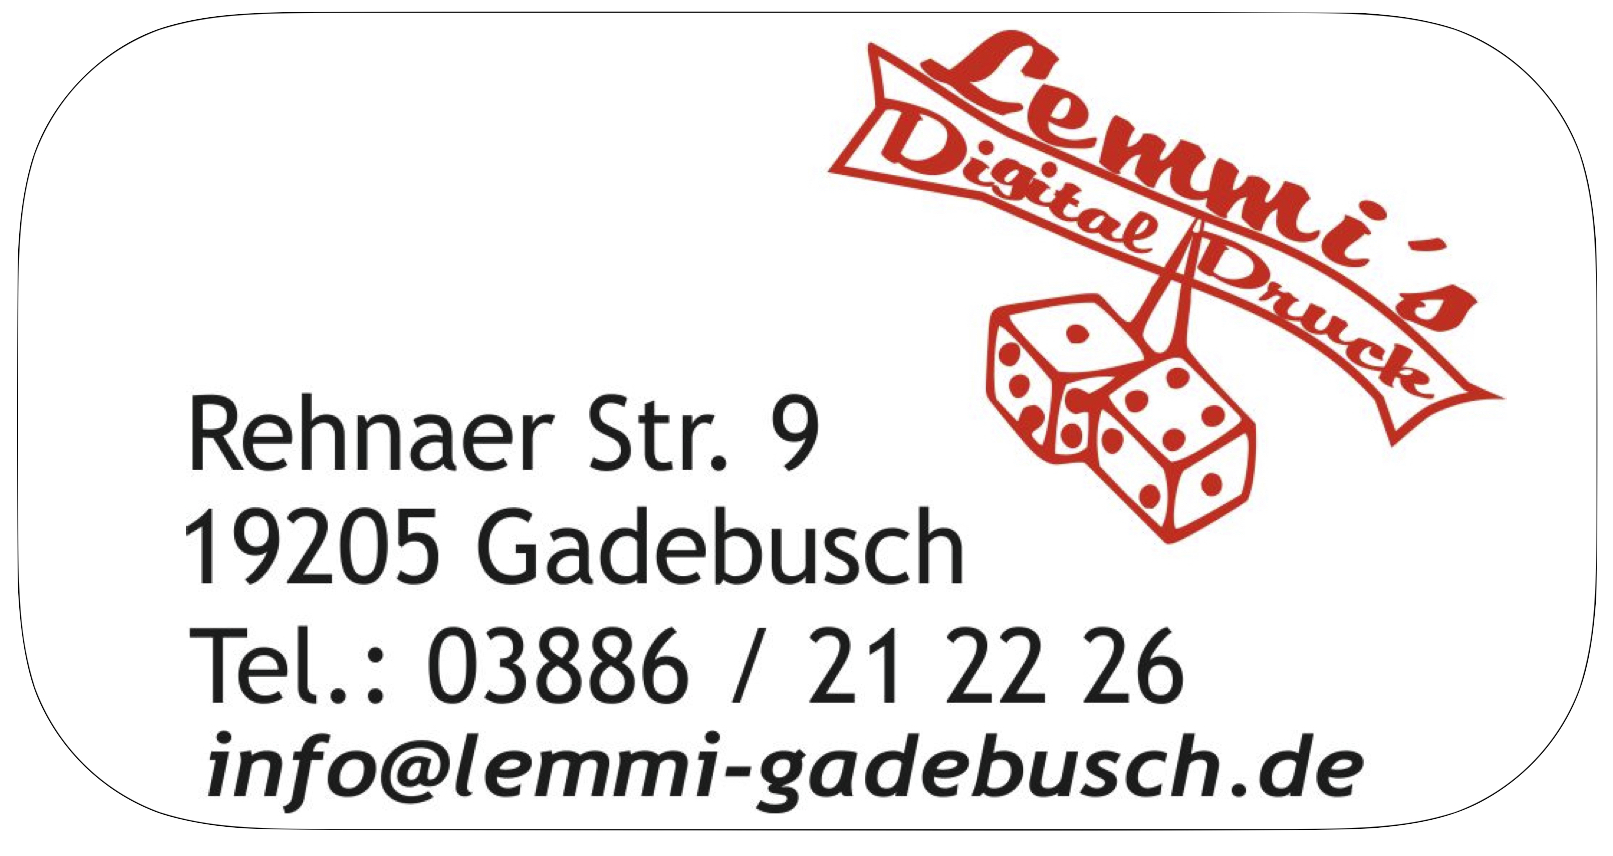 LemmisDigitaldruck